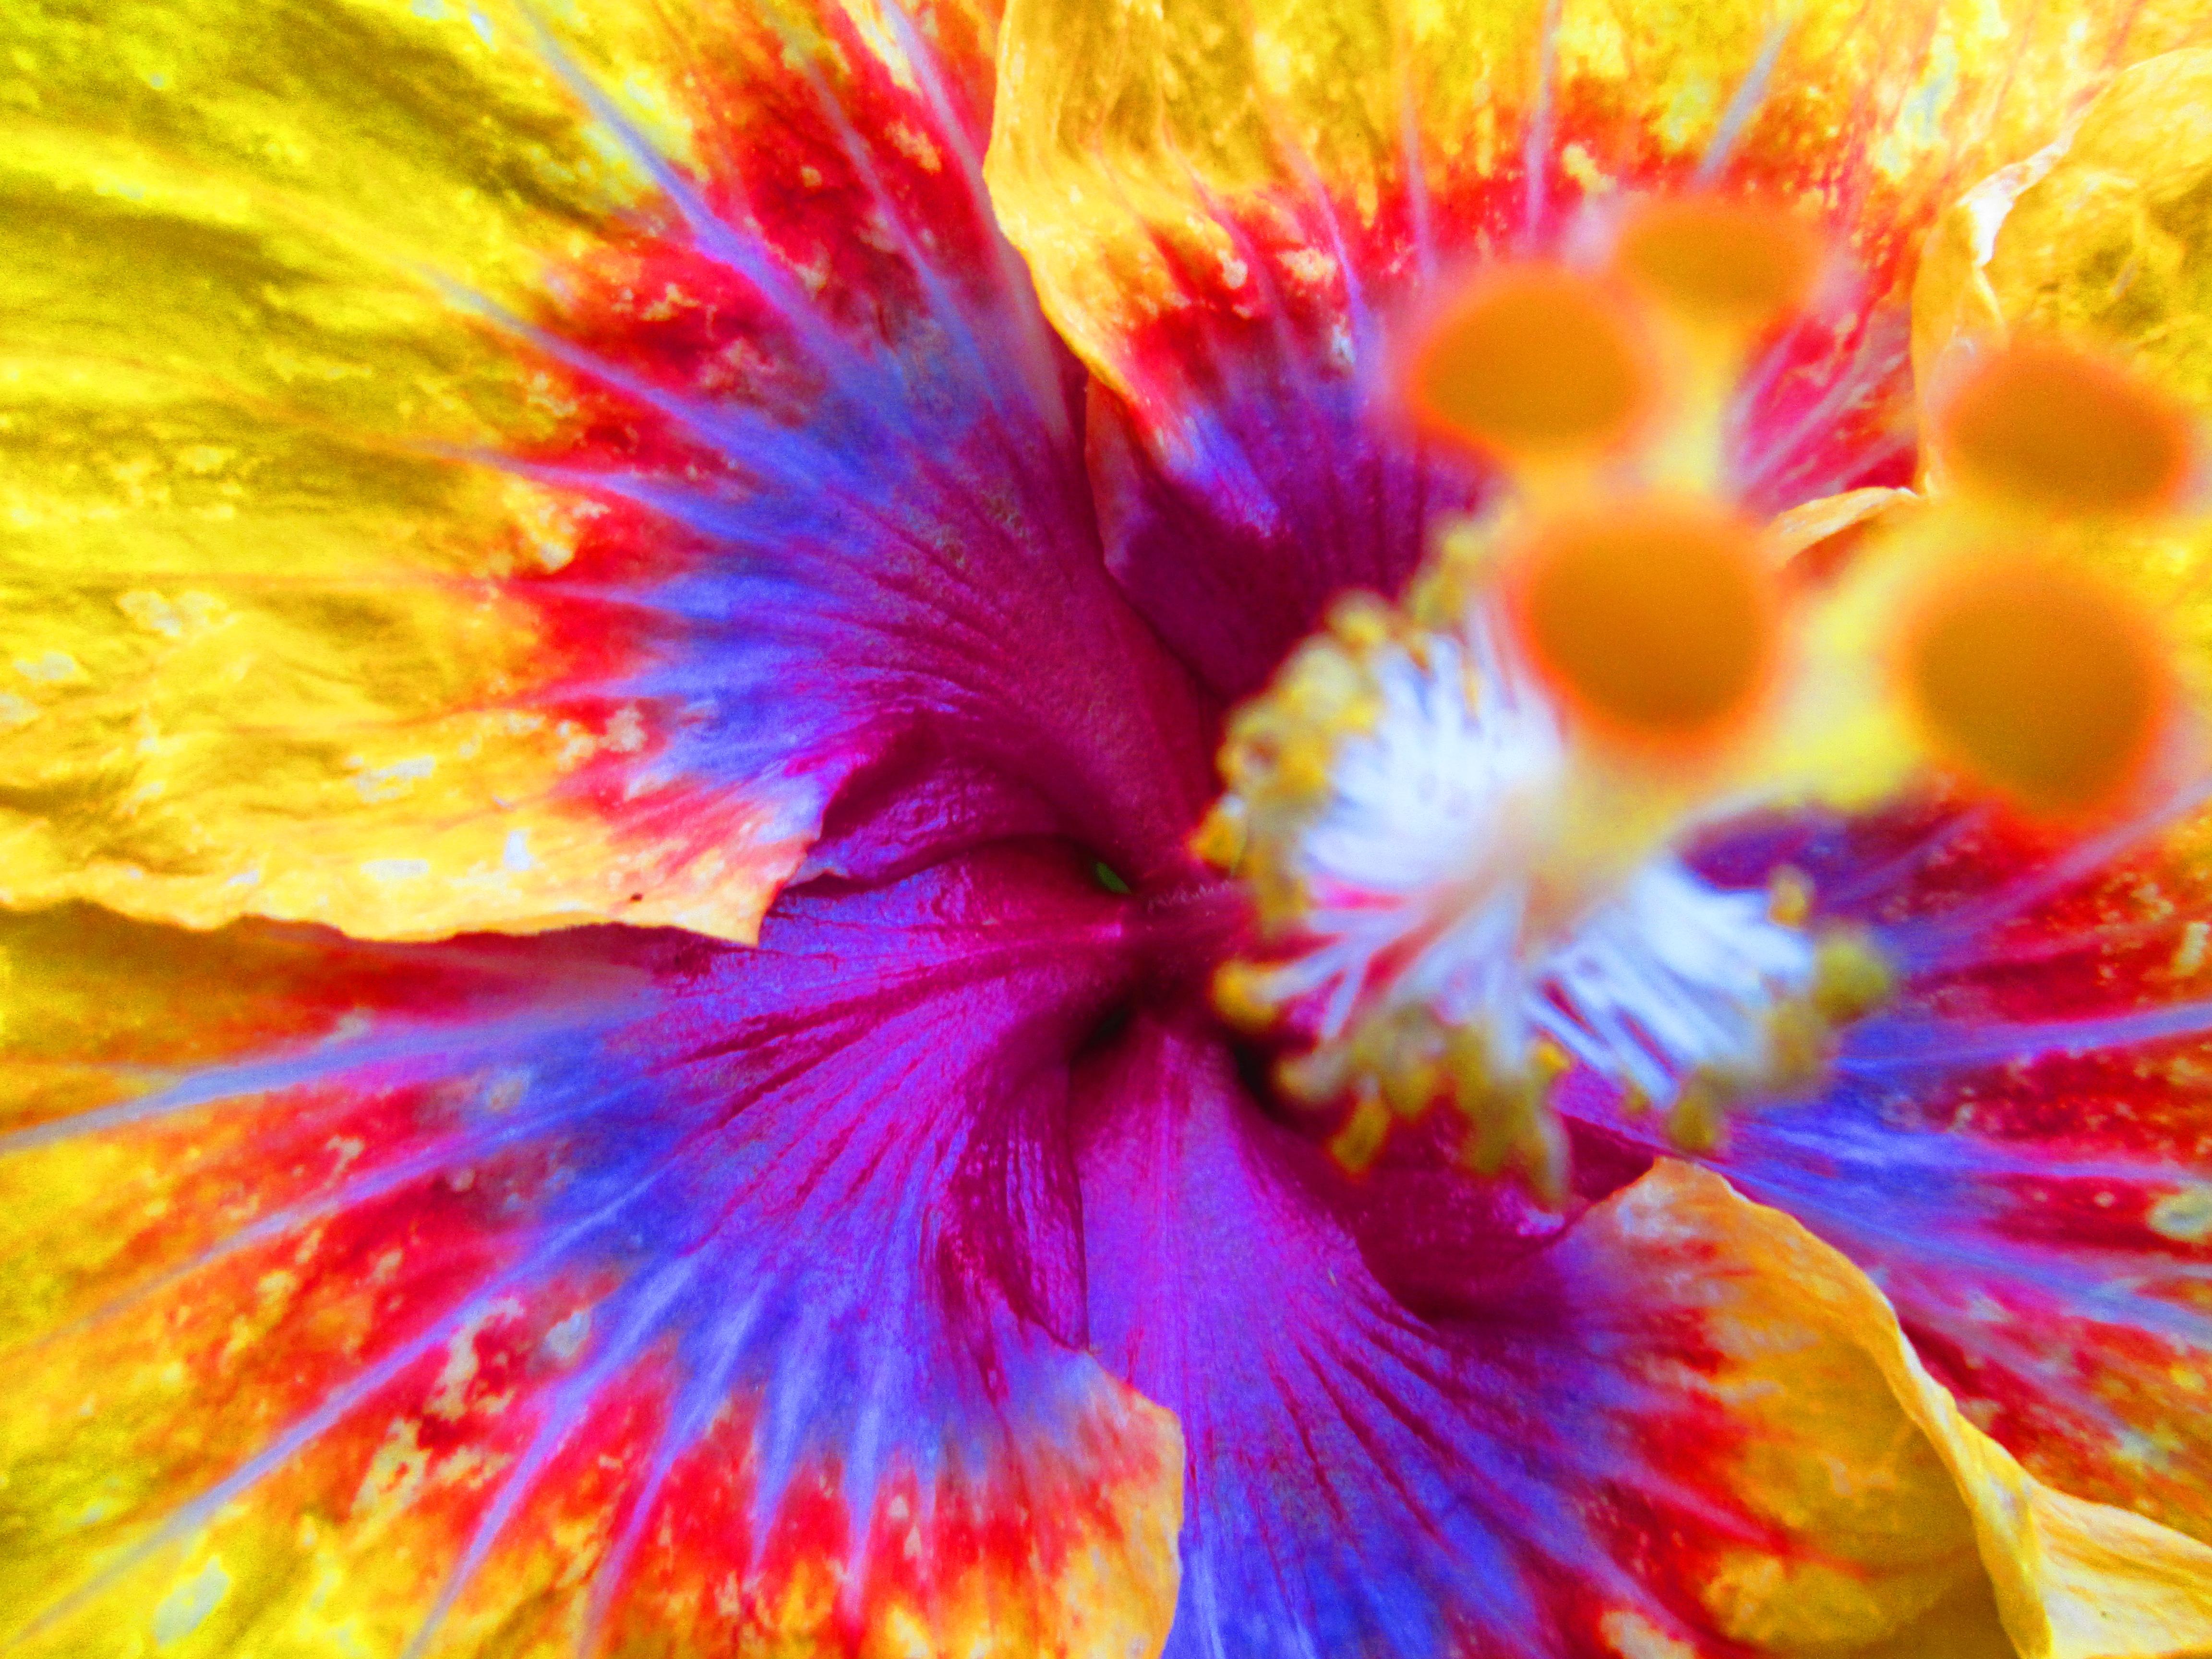 Flower Colors 4608x3456